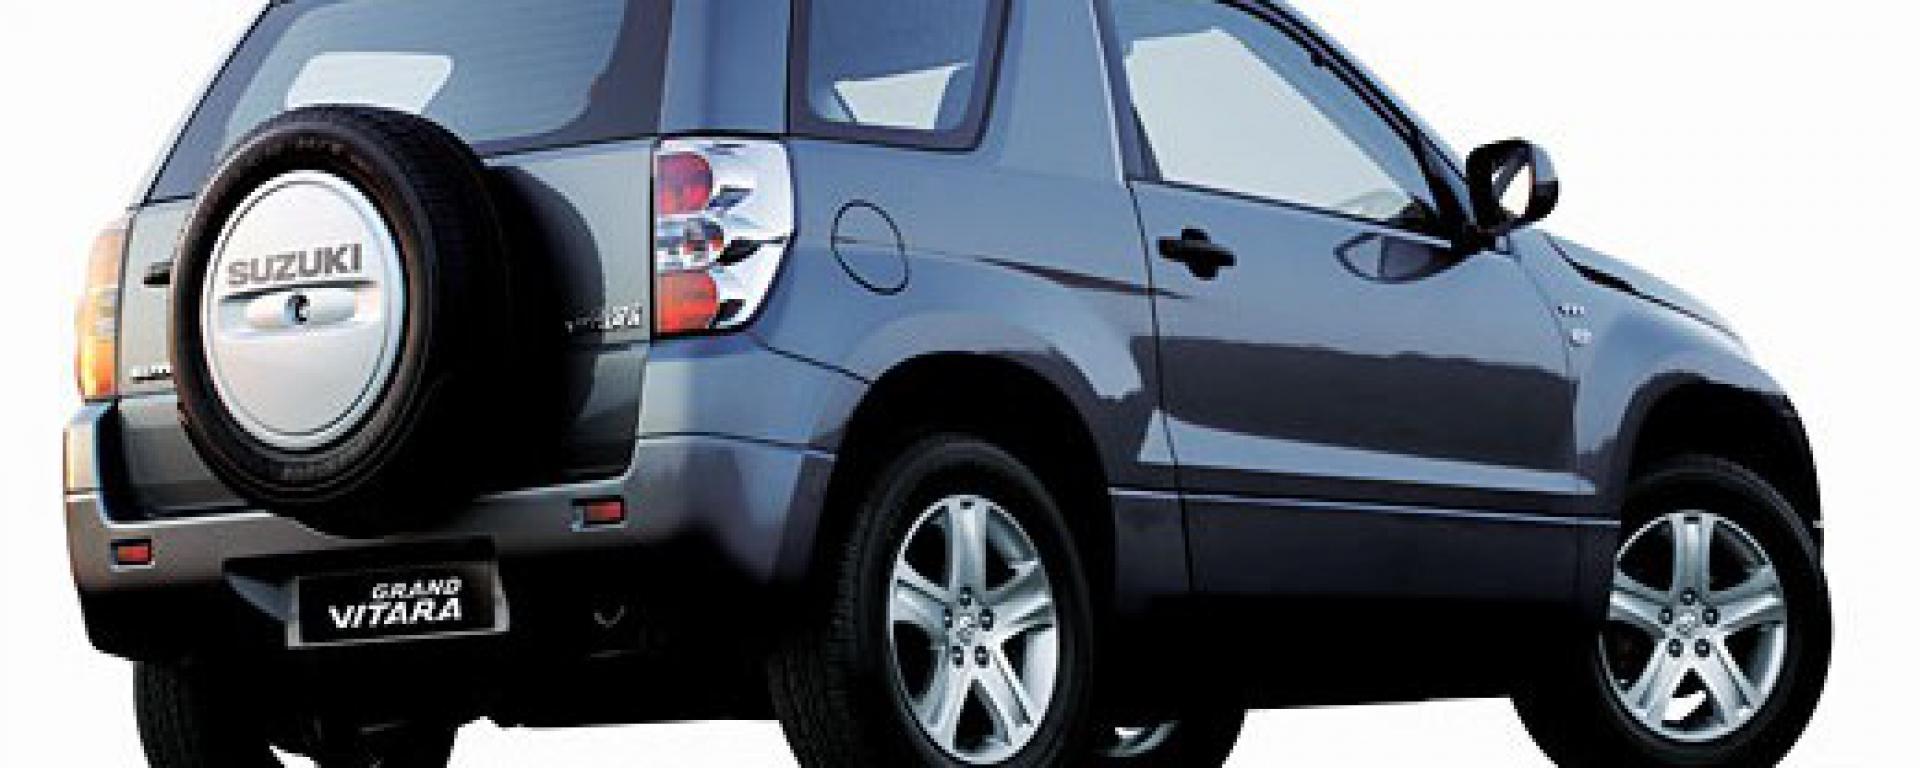 Suzuki Grand Vitara II Restyling 2000 - 2006 SUV #1